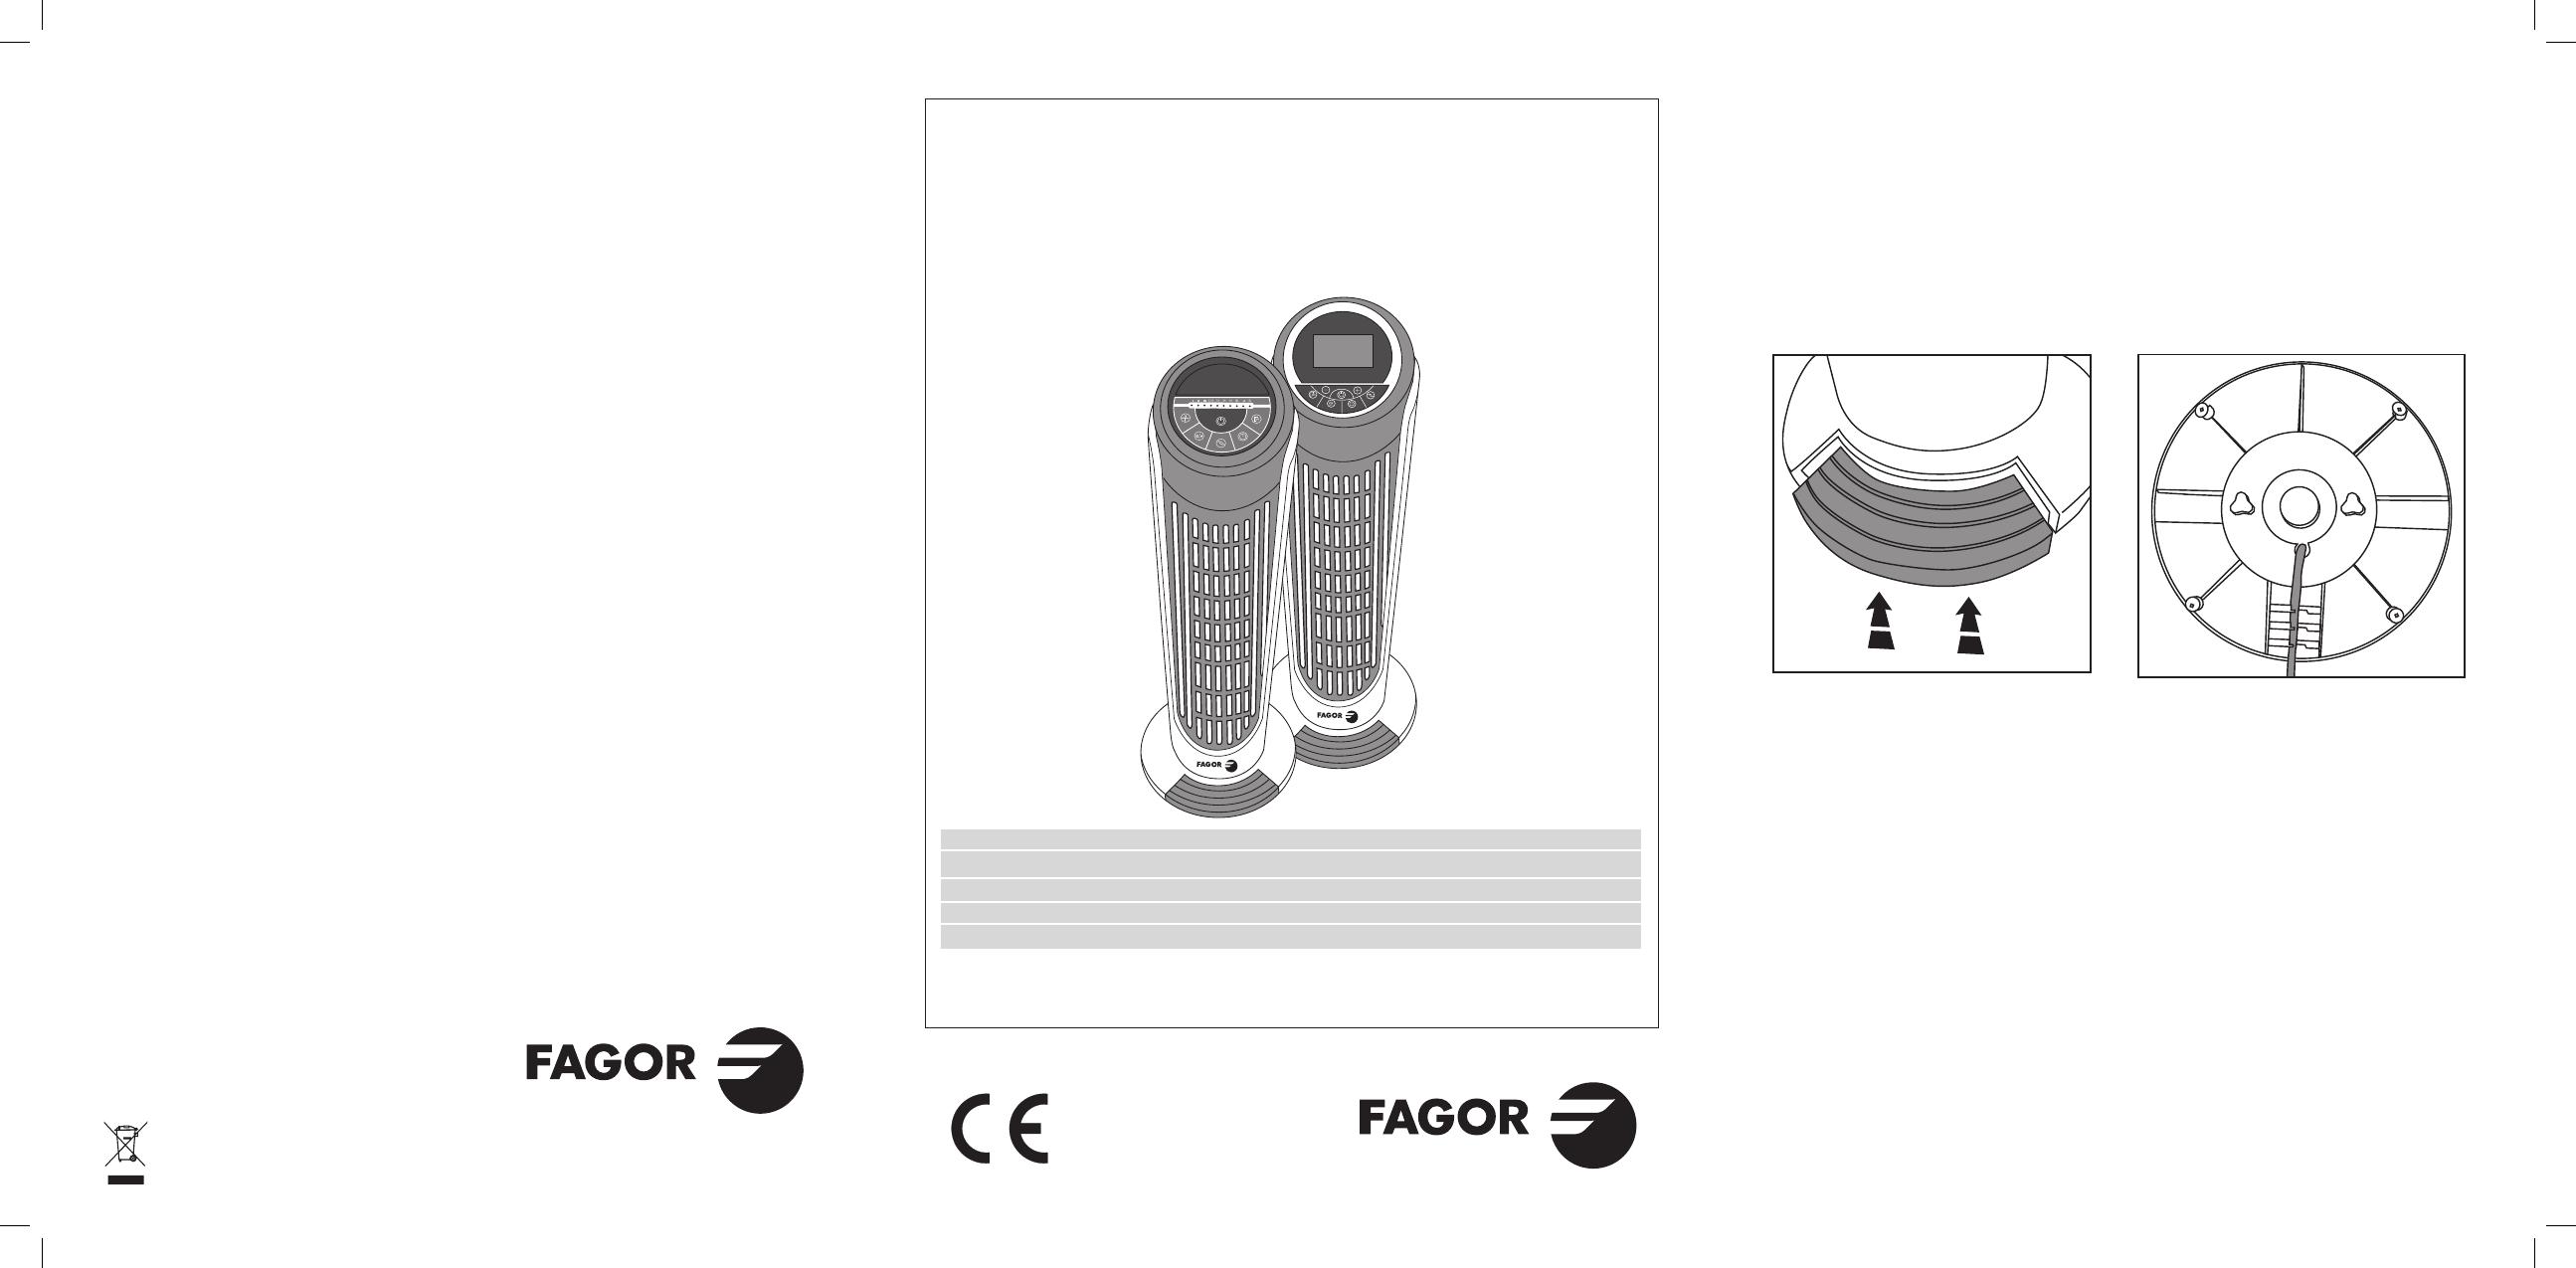 Manual de Instruções FAGOR IF-800R - Guia de utilizaçao ...